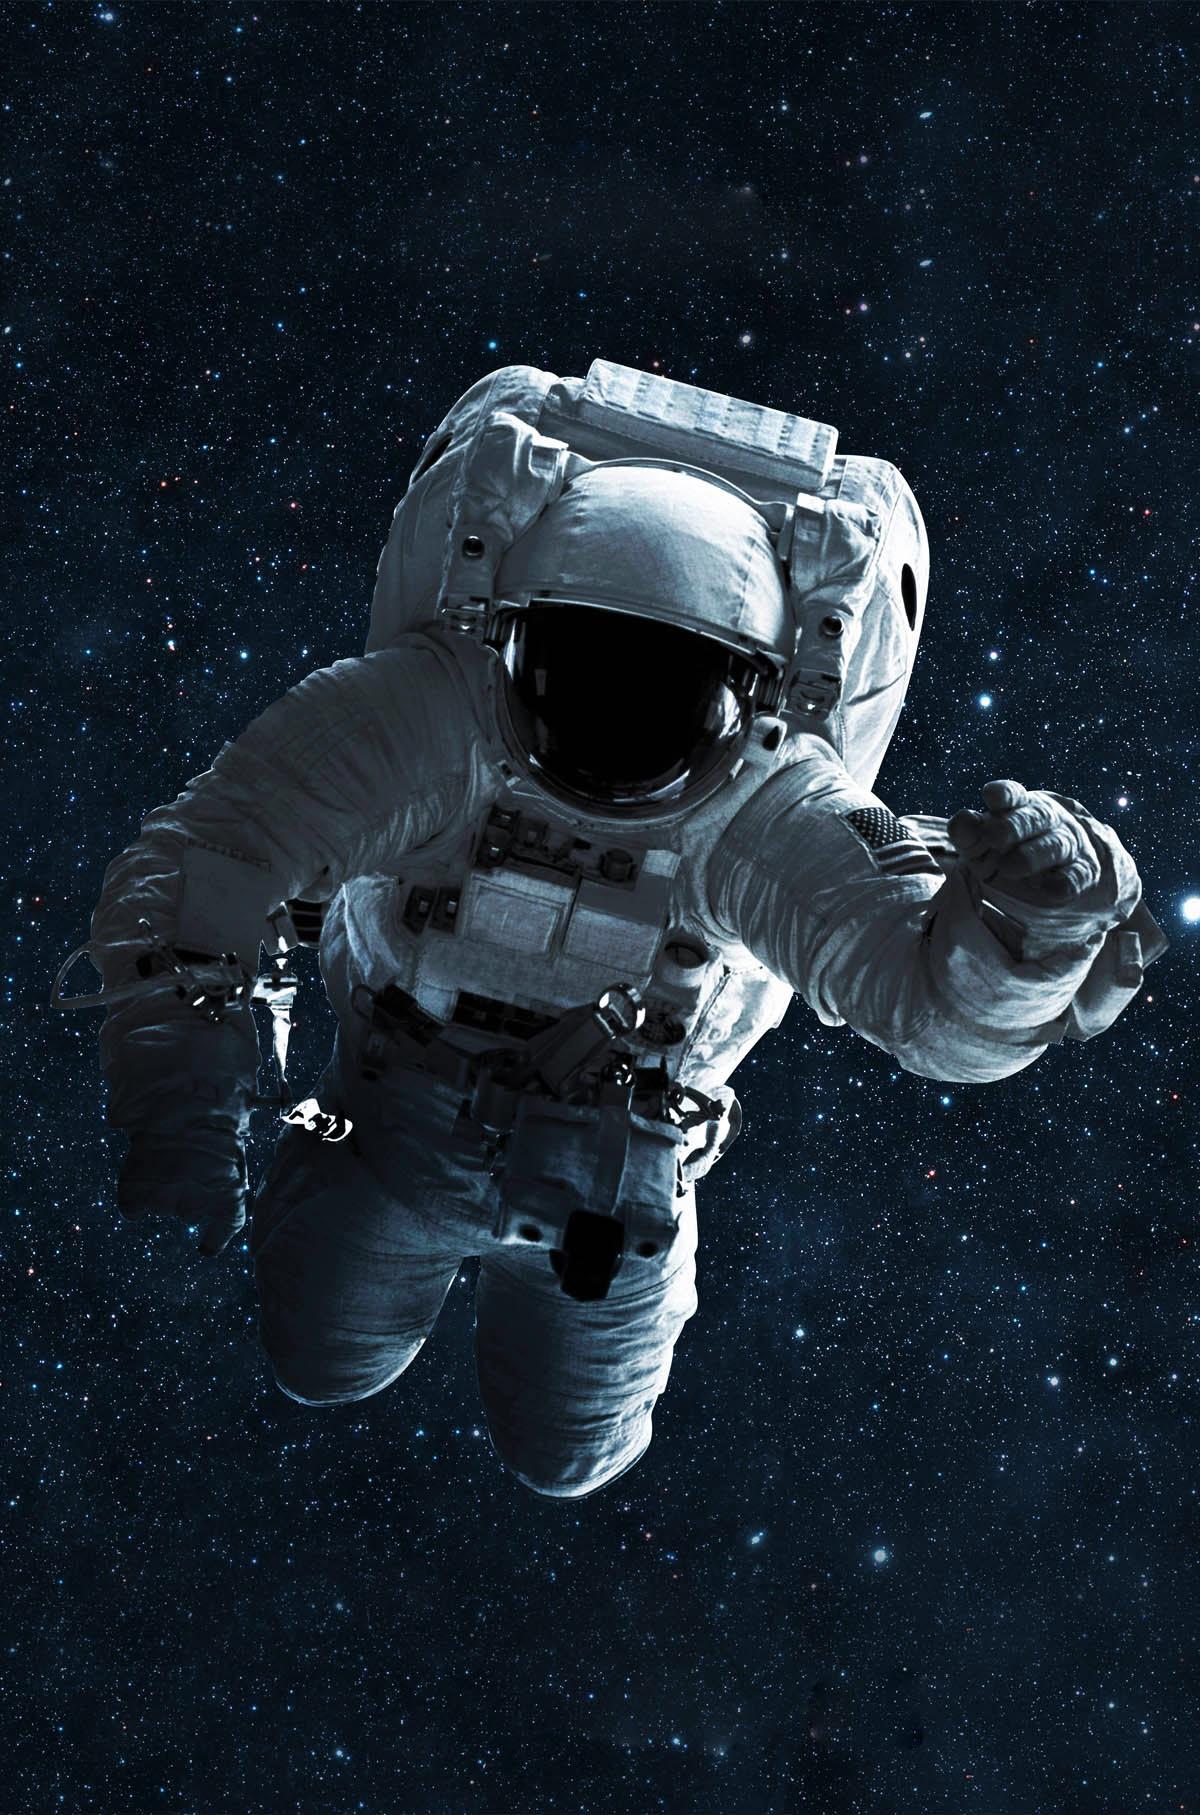 Astronaut im Weltall als Symbol für den Social Media Kosmos der TU Graz